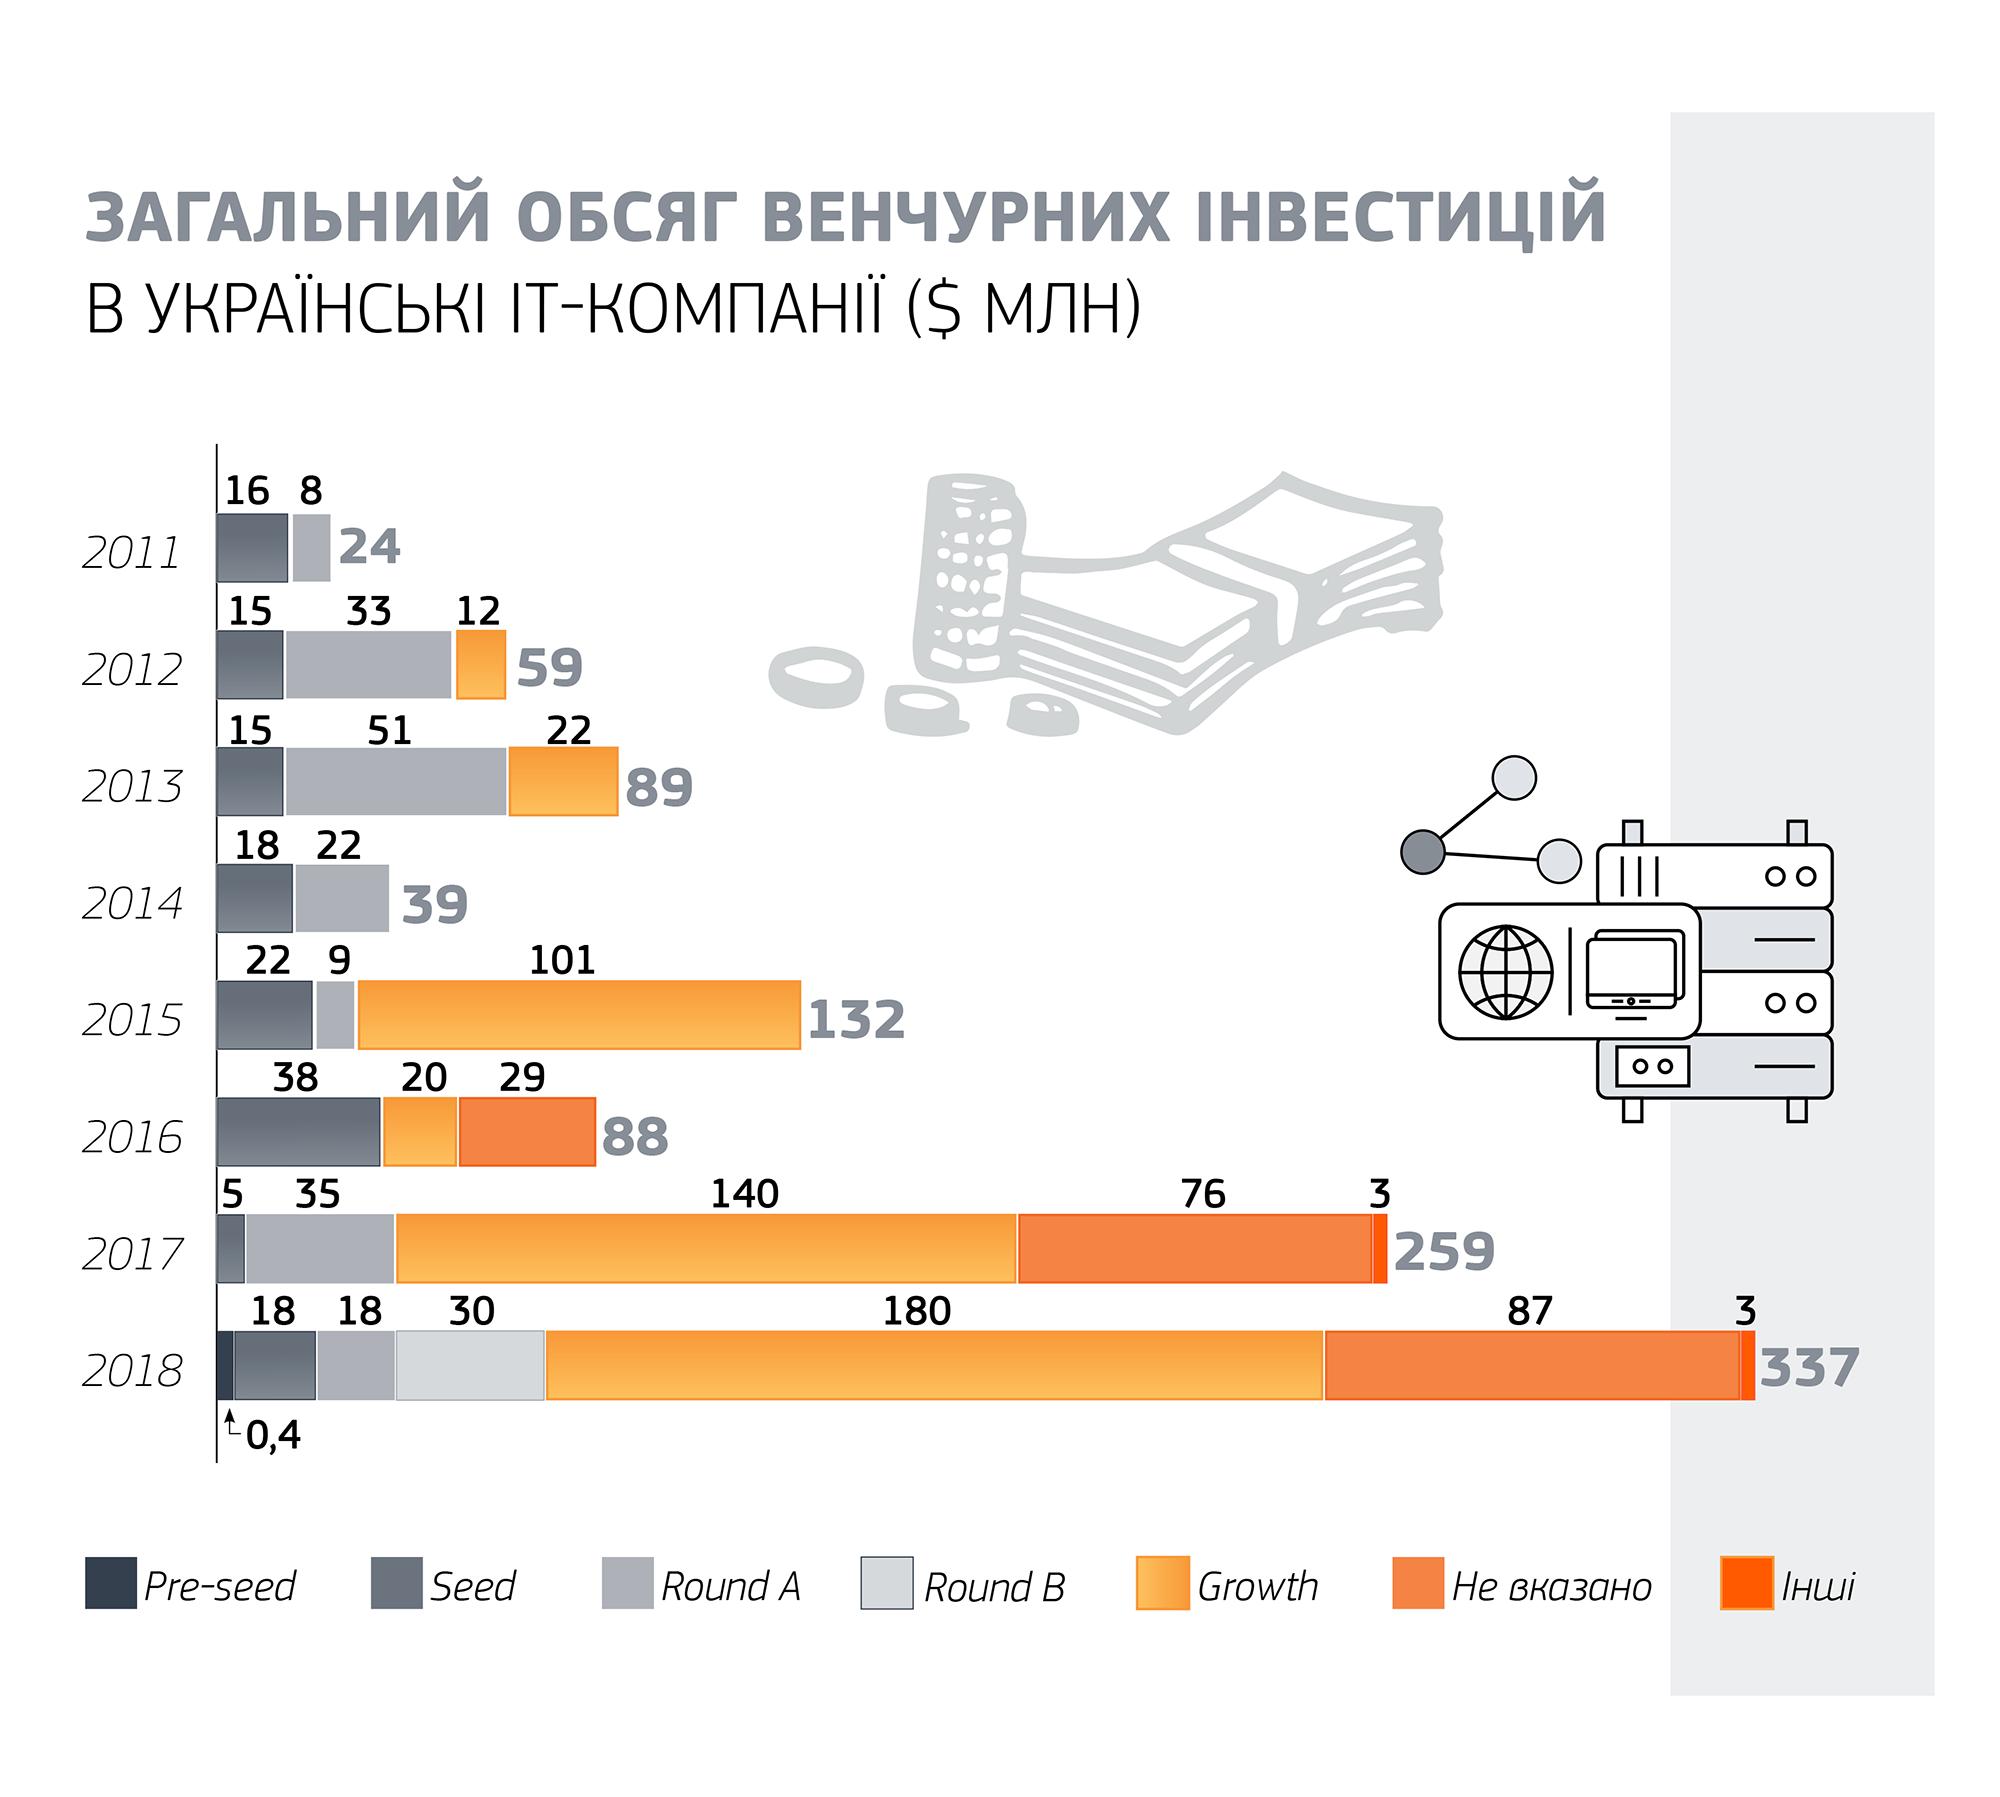 В 2018 году украинские стартапы привлекли 6,9 млн инвестиций (инфографика)